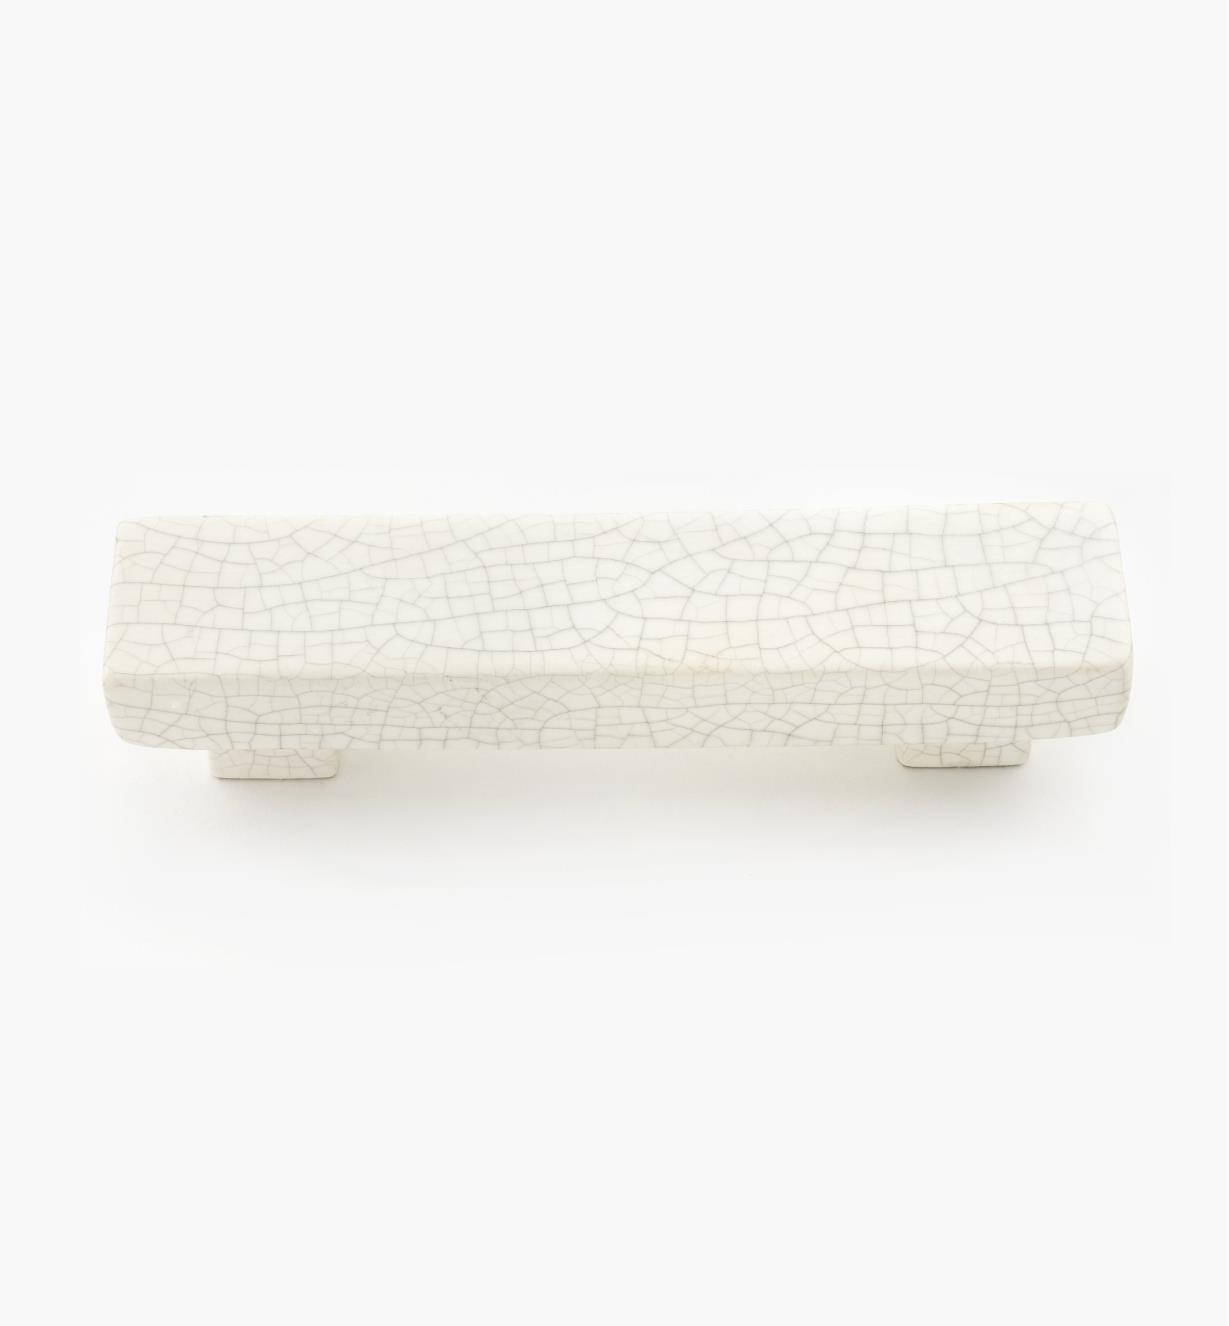 01W0552 - Poignée craquelée en céramique, 96 mm